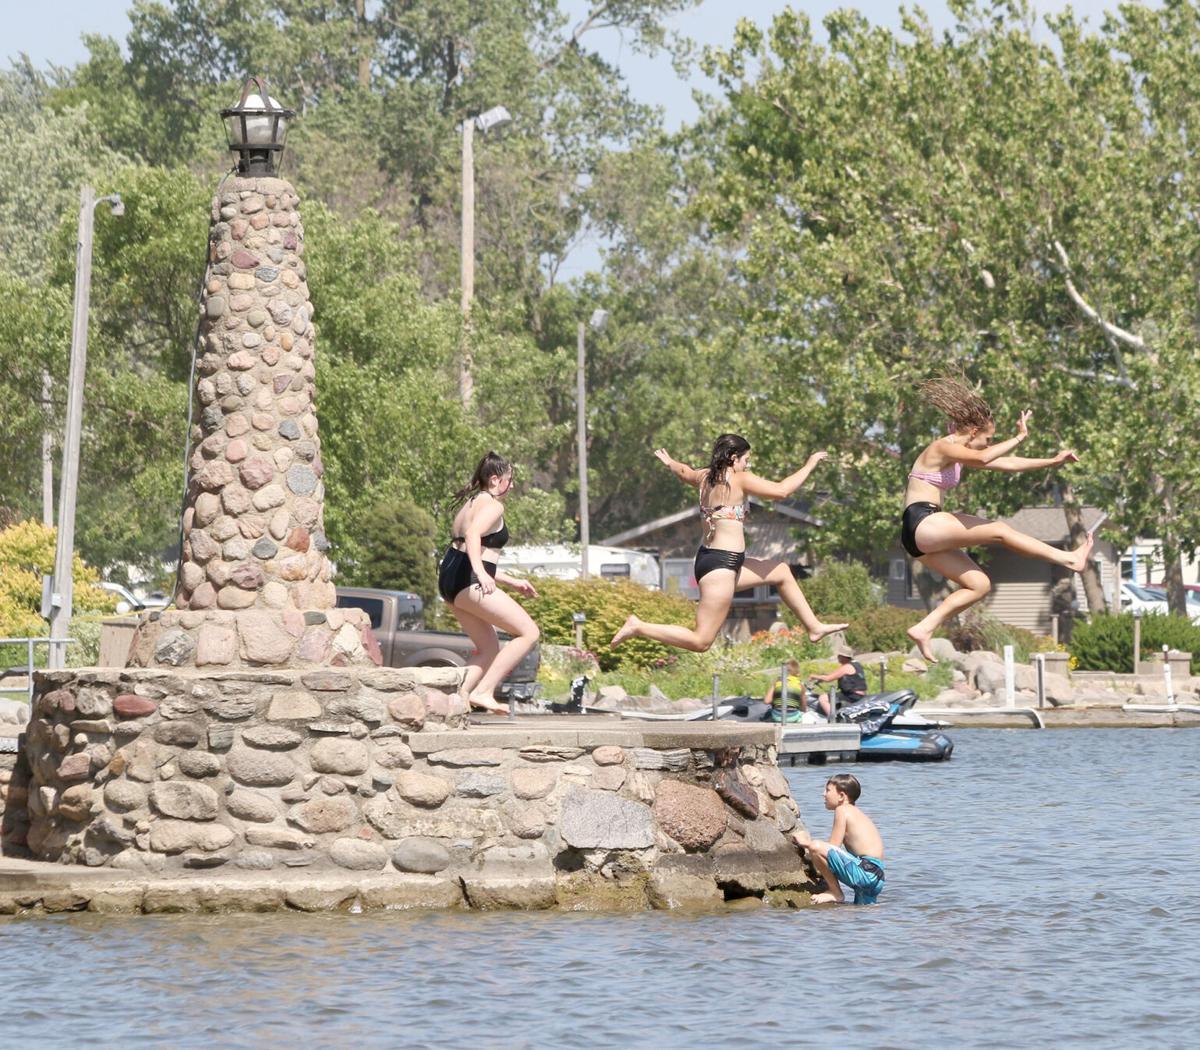 lv water carnival9 20-07-18